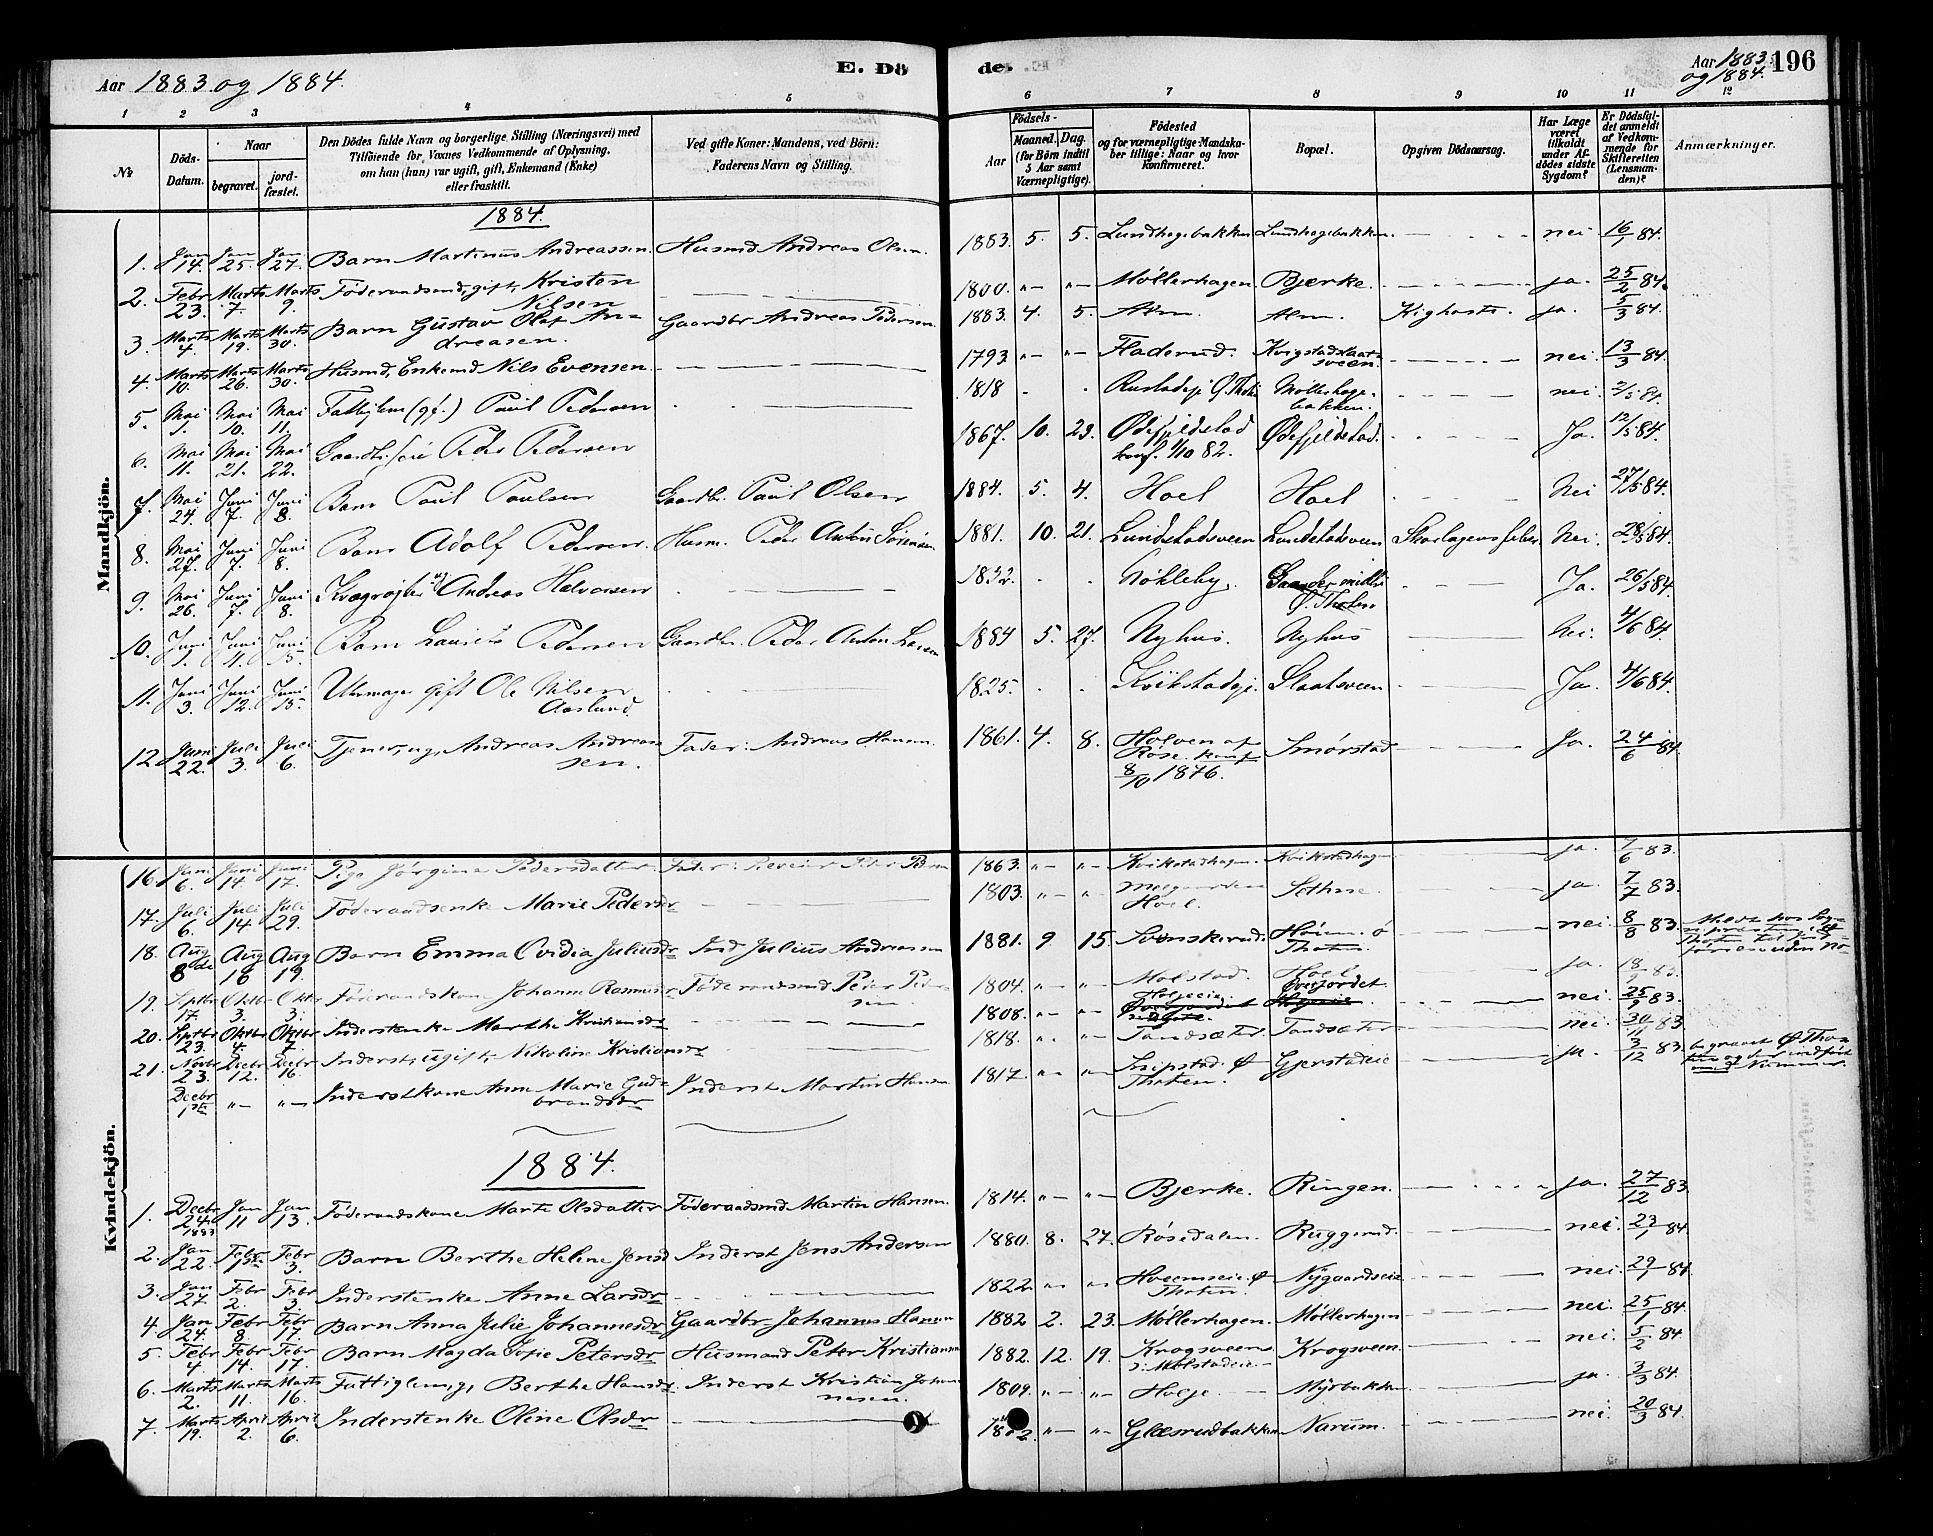 SAH, Vestre Toten prestekontor, Ministerialbok nr. 10, 1878-1894, s. 196